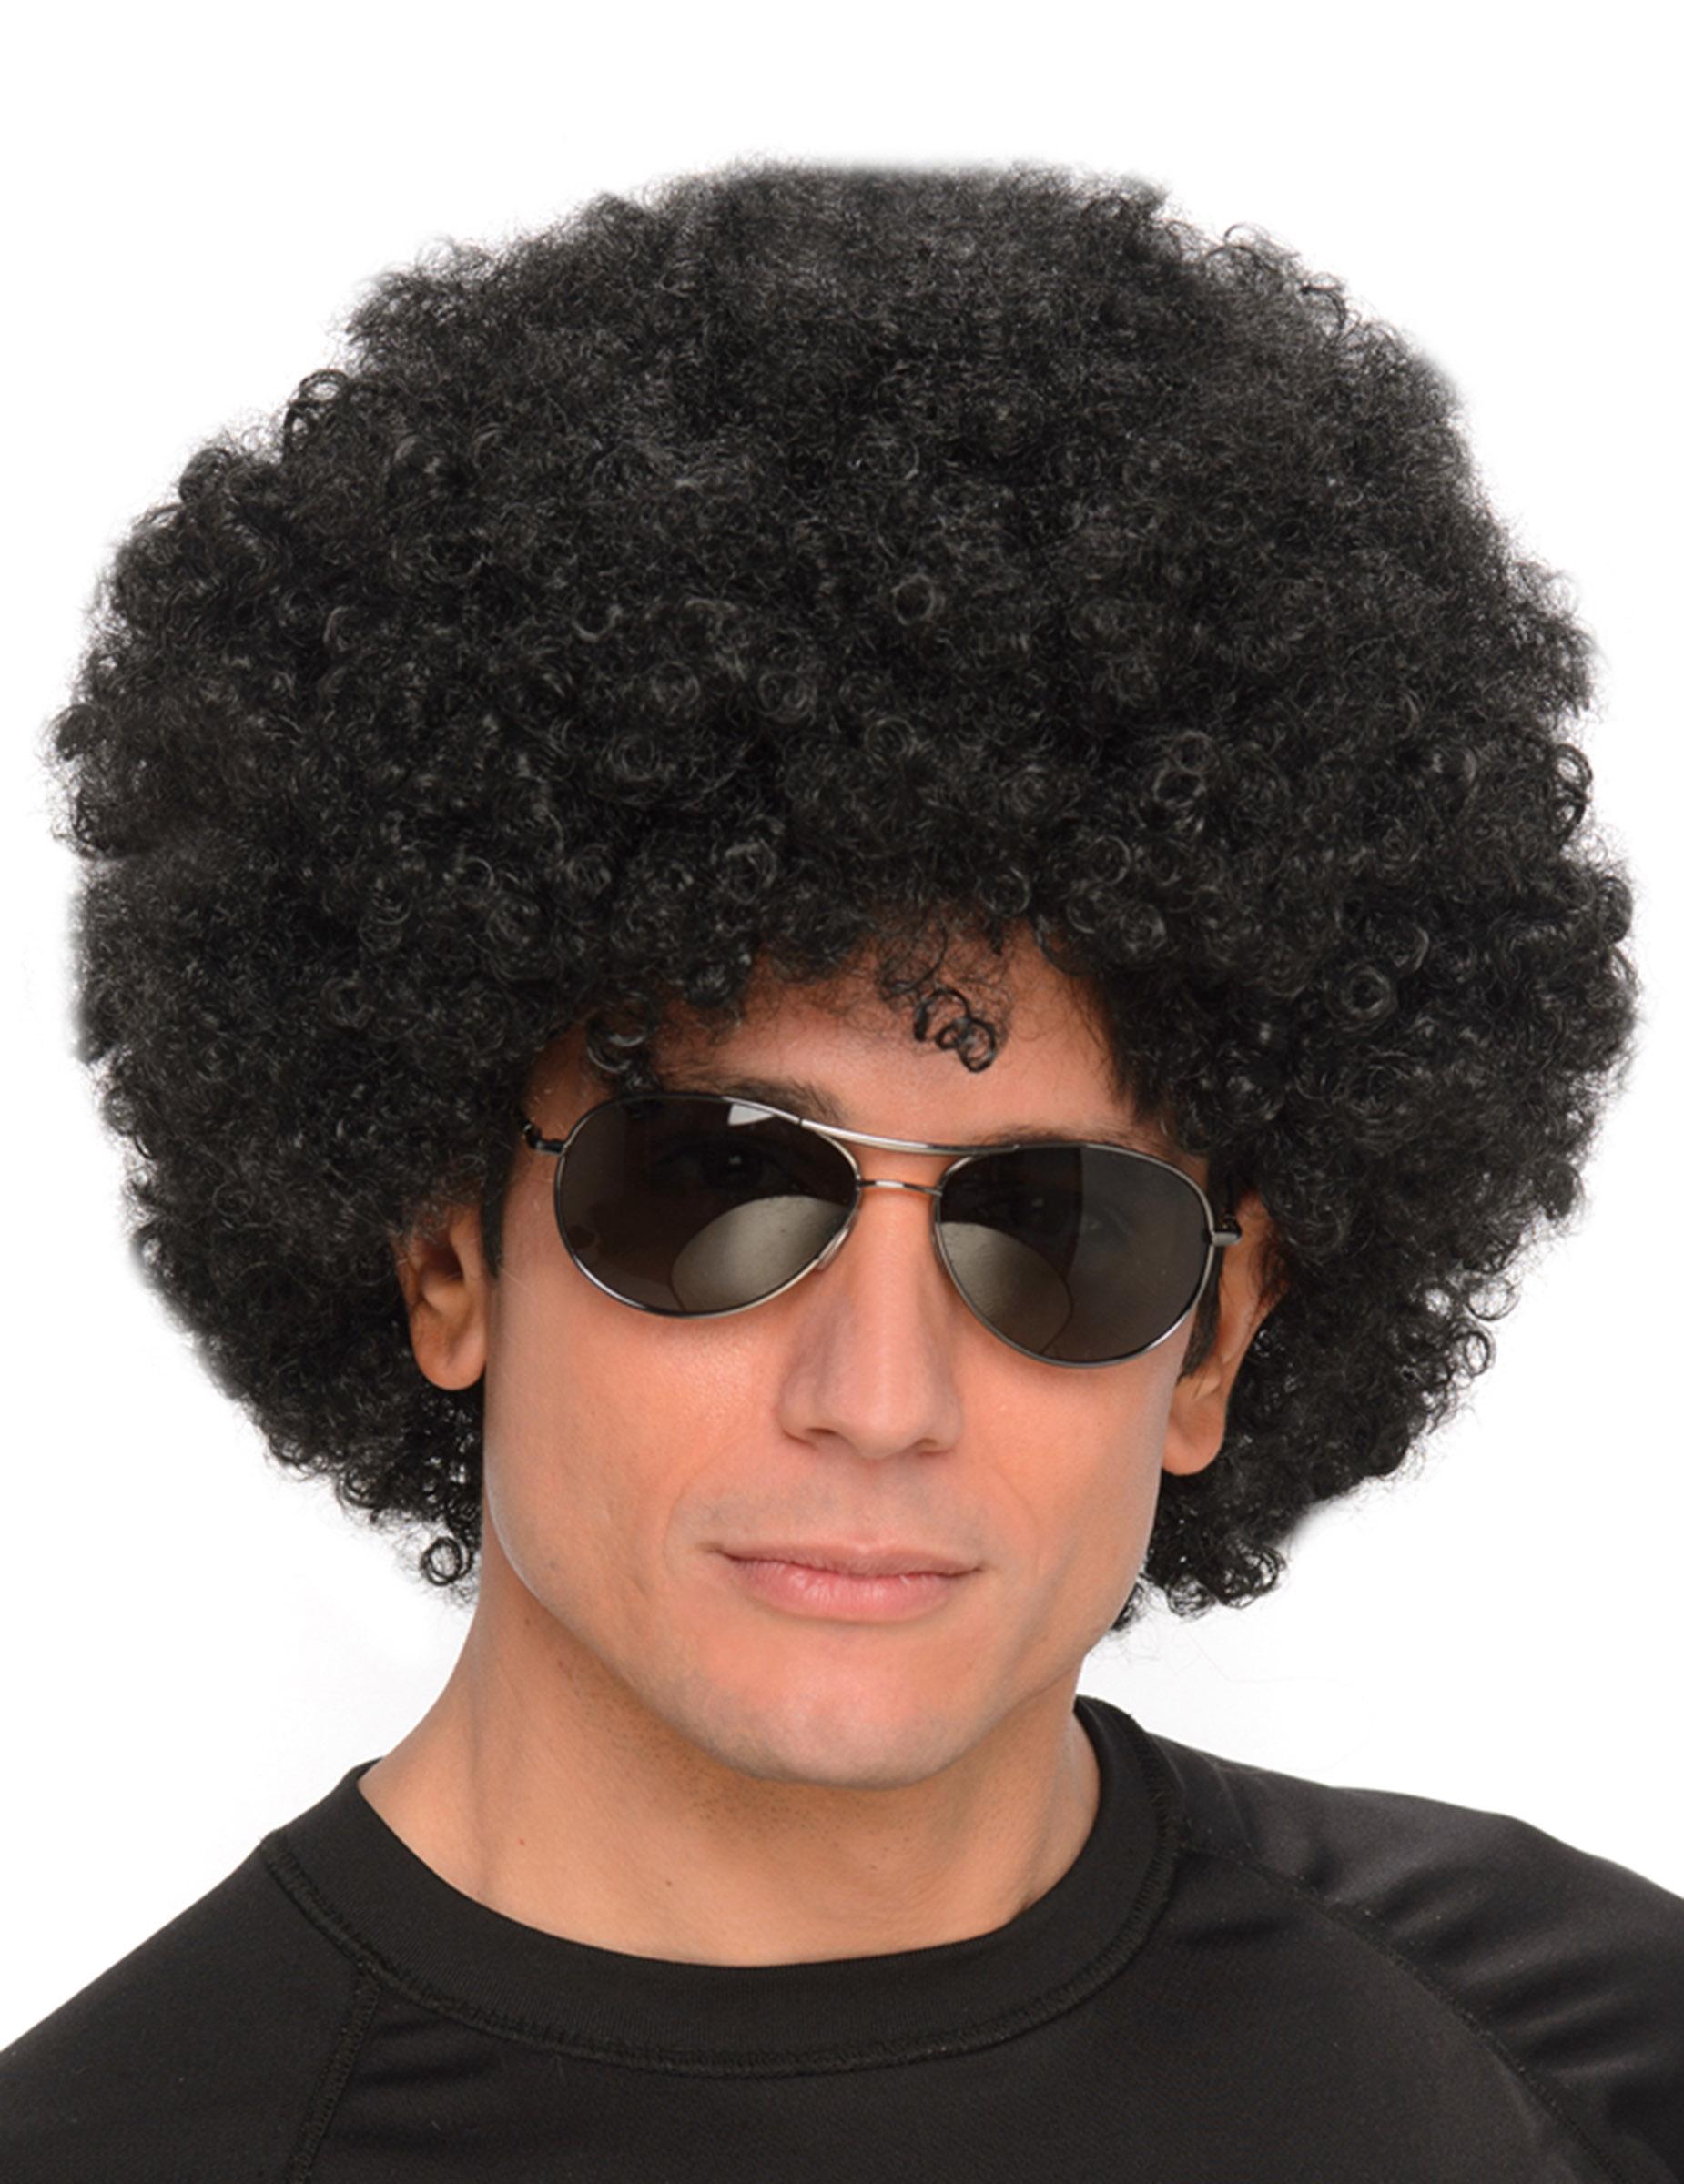 Perruque Afro Noire Homme Moncostume Ch